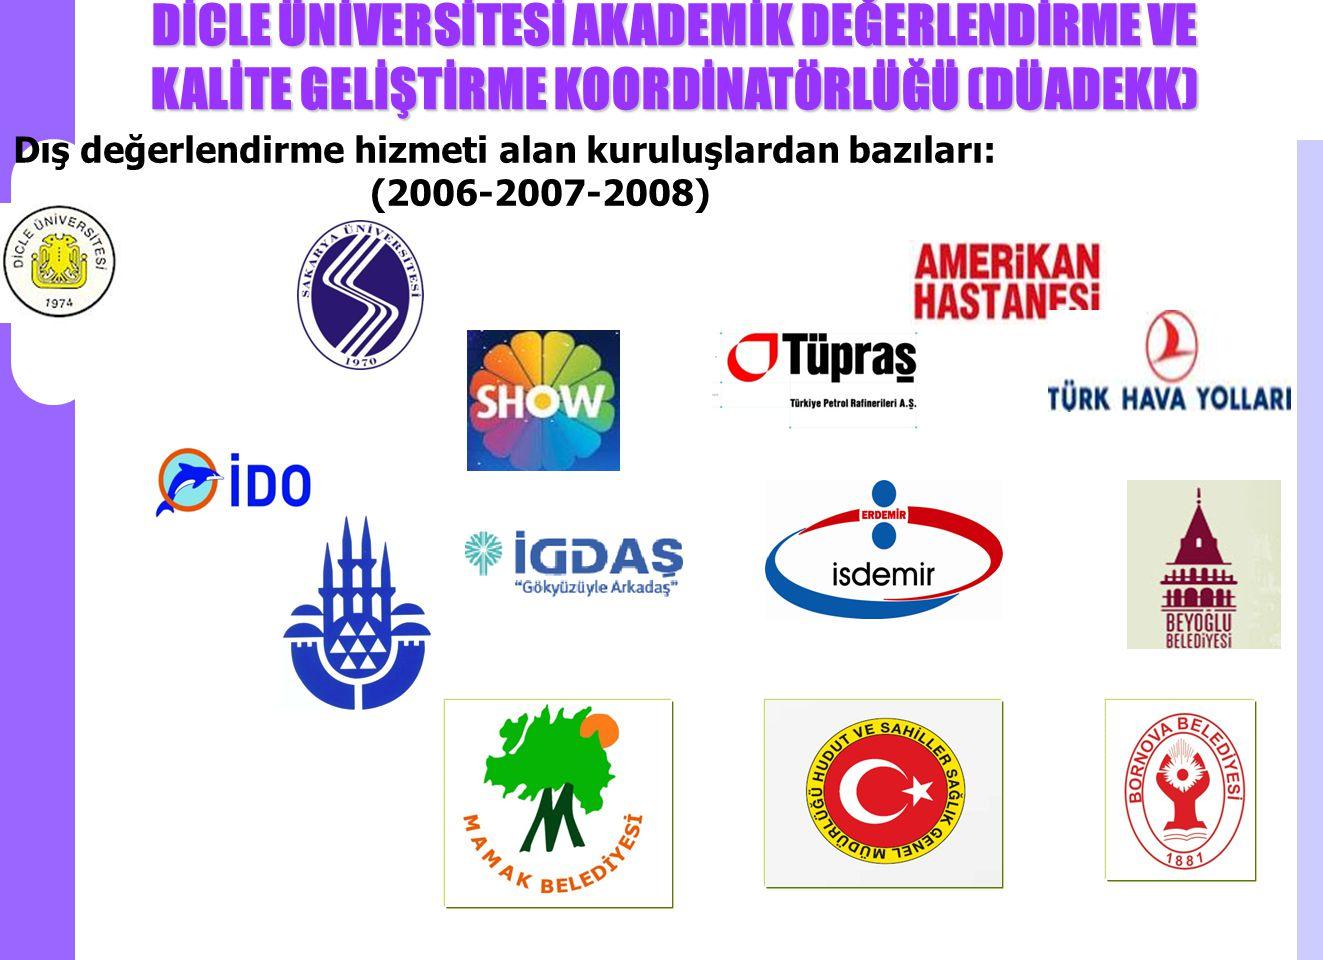 Dış değerlendirme hizmeti alan kuruluşlardan bazıları: